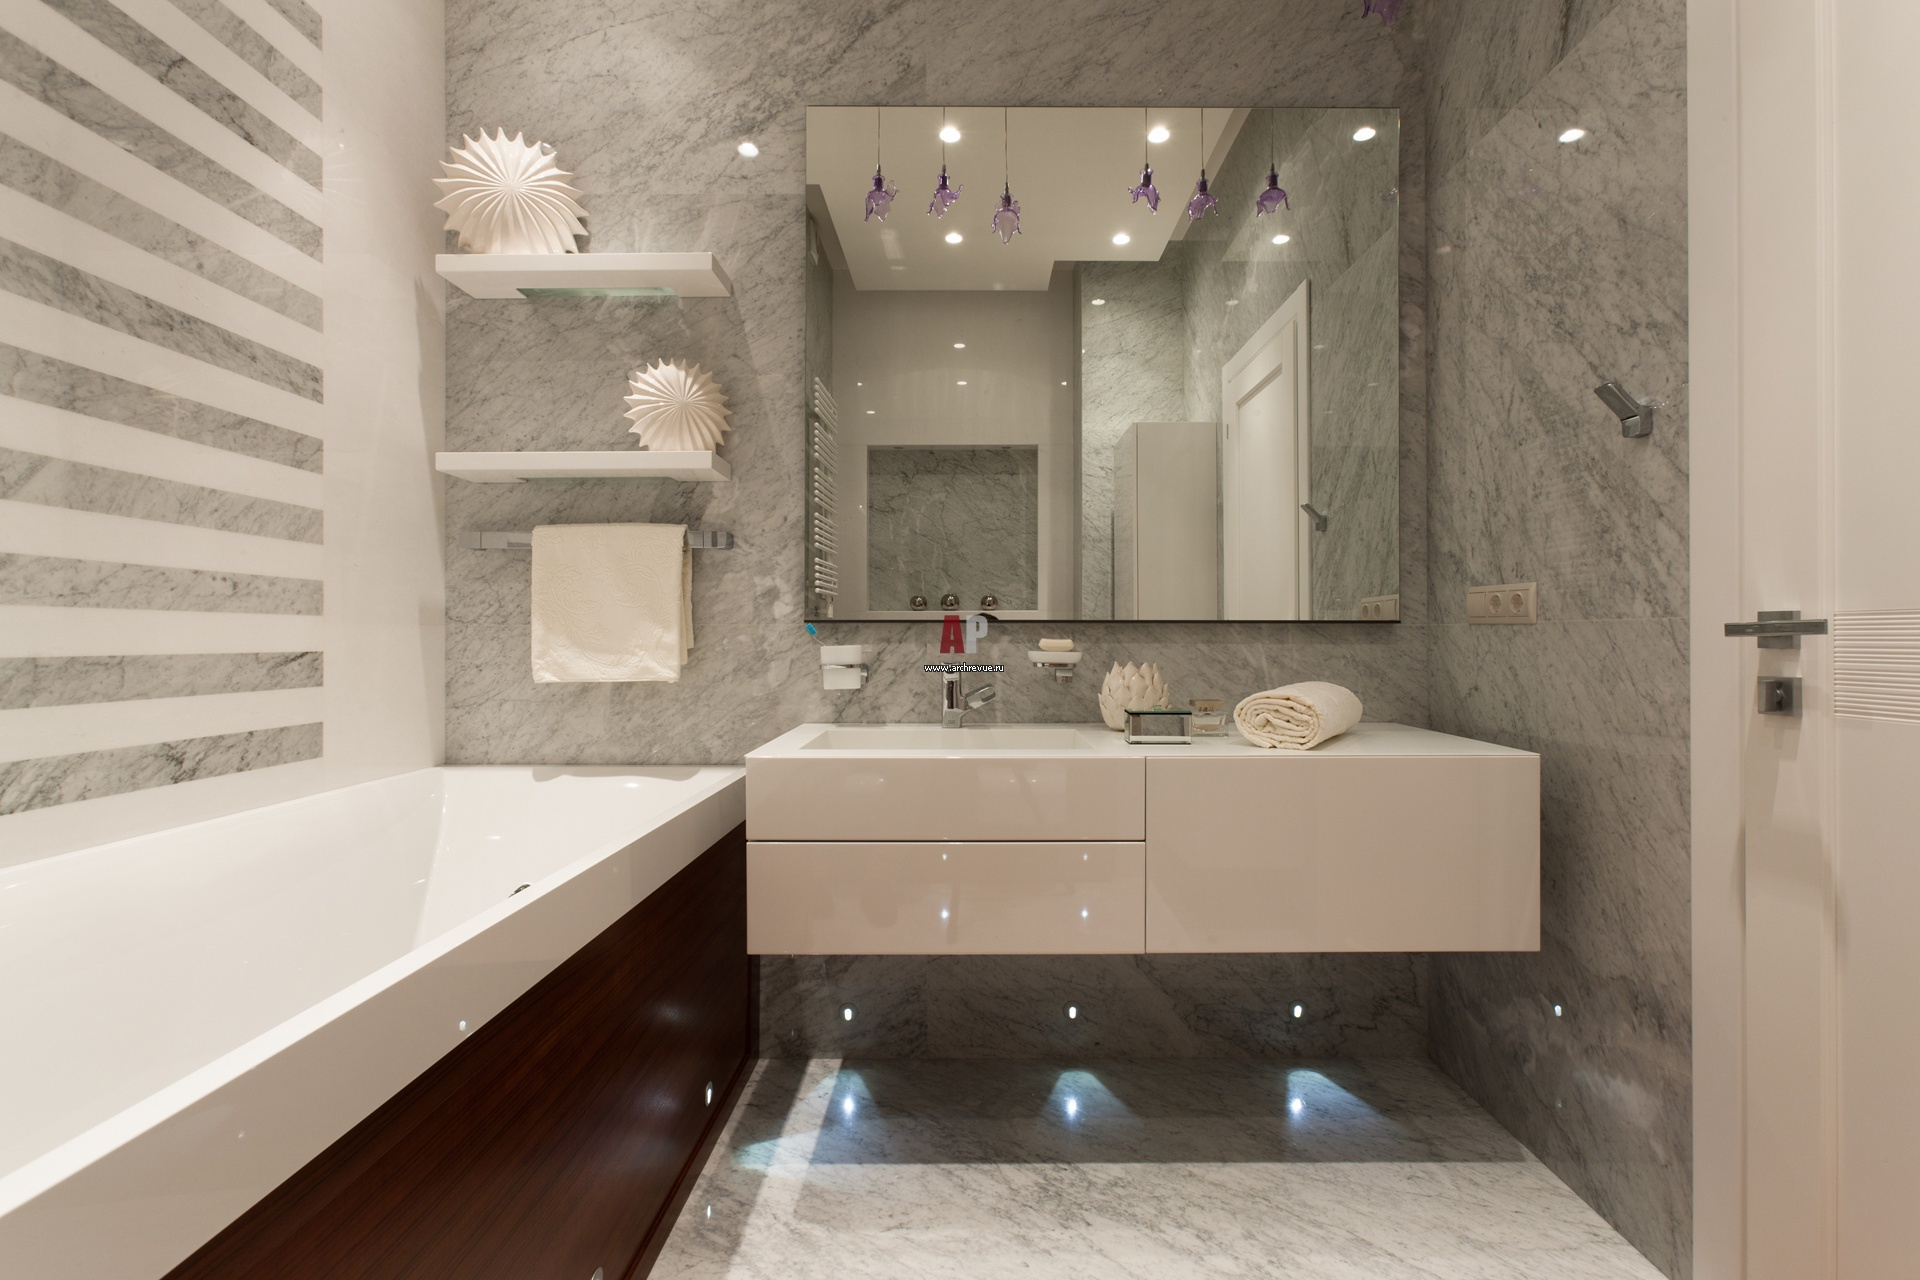 Ванная будет казаться просторнее, если использовать навесную мебель и подсветку